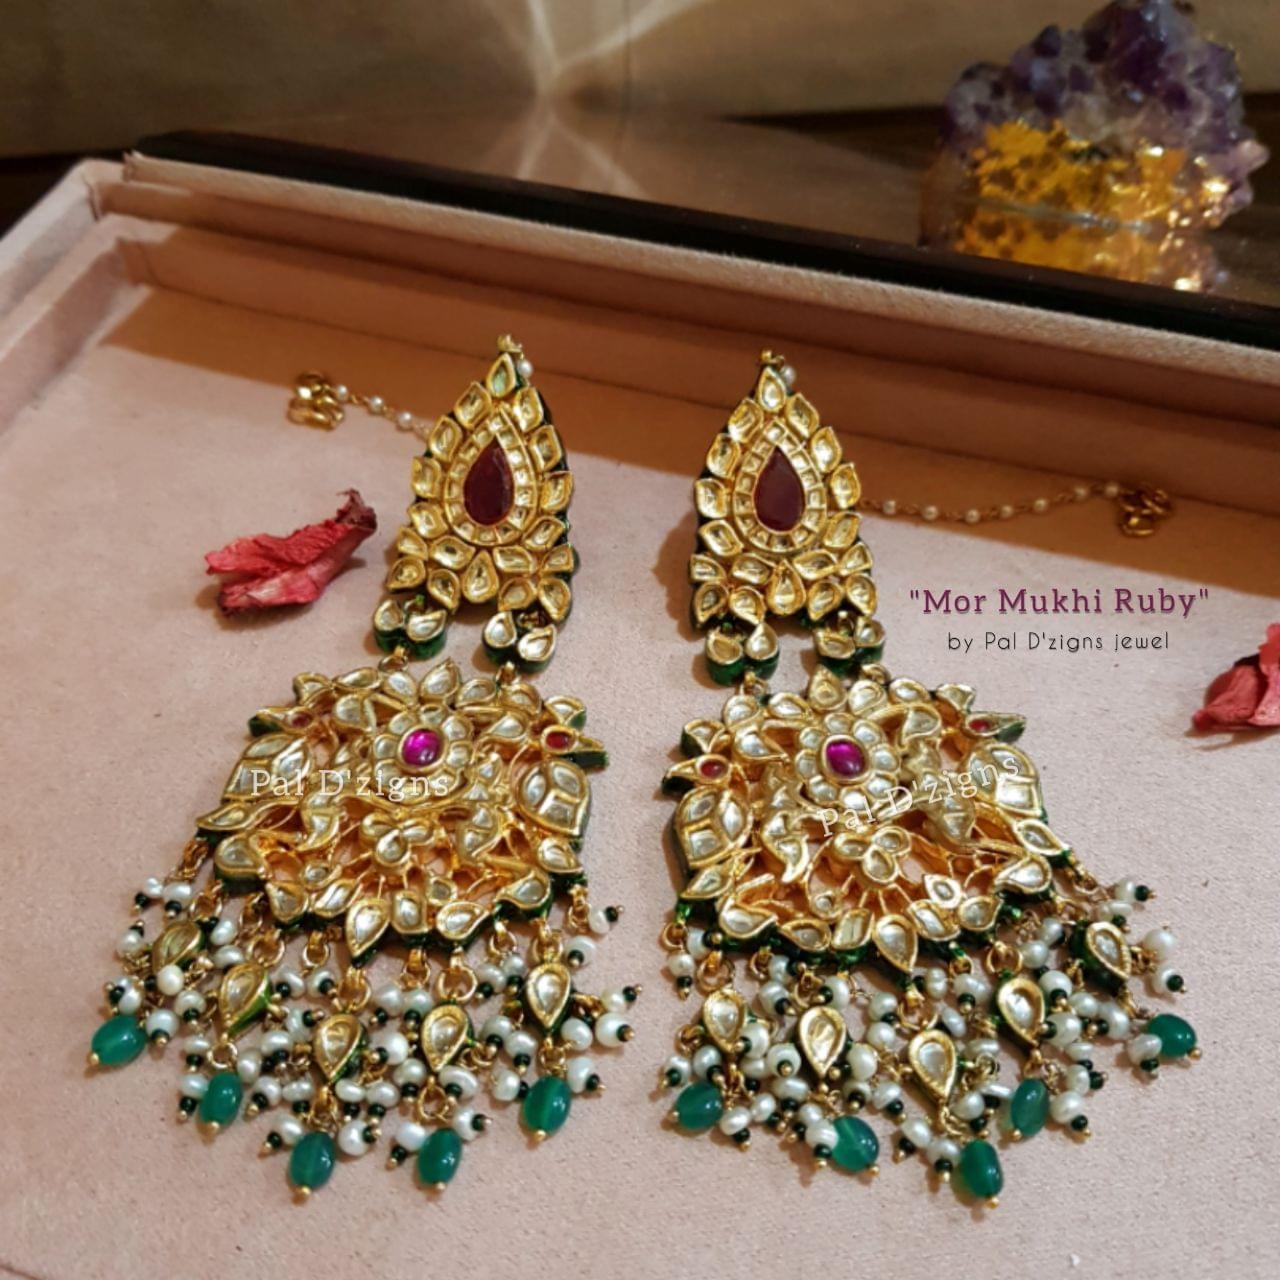 Mor Mukhi Ruby Earings